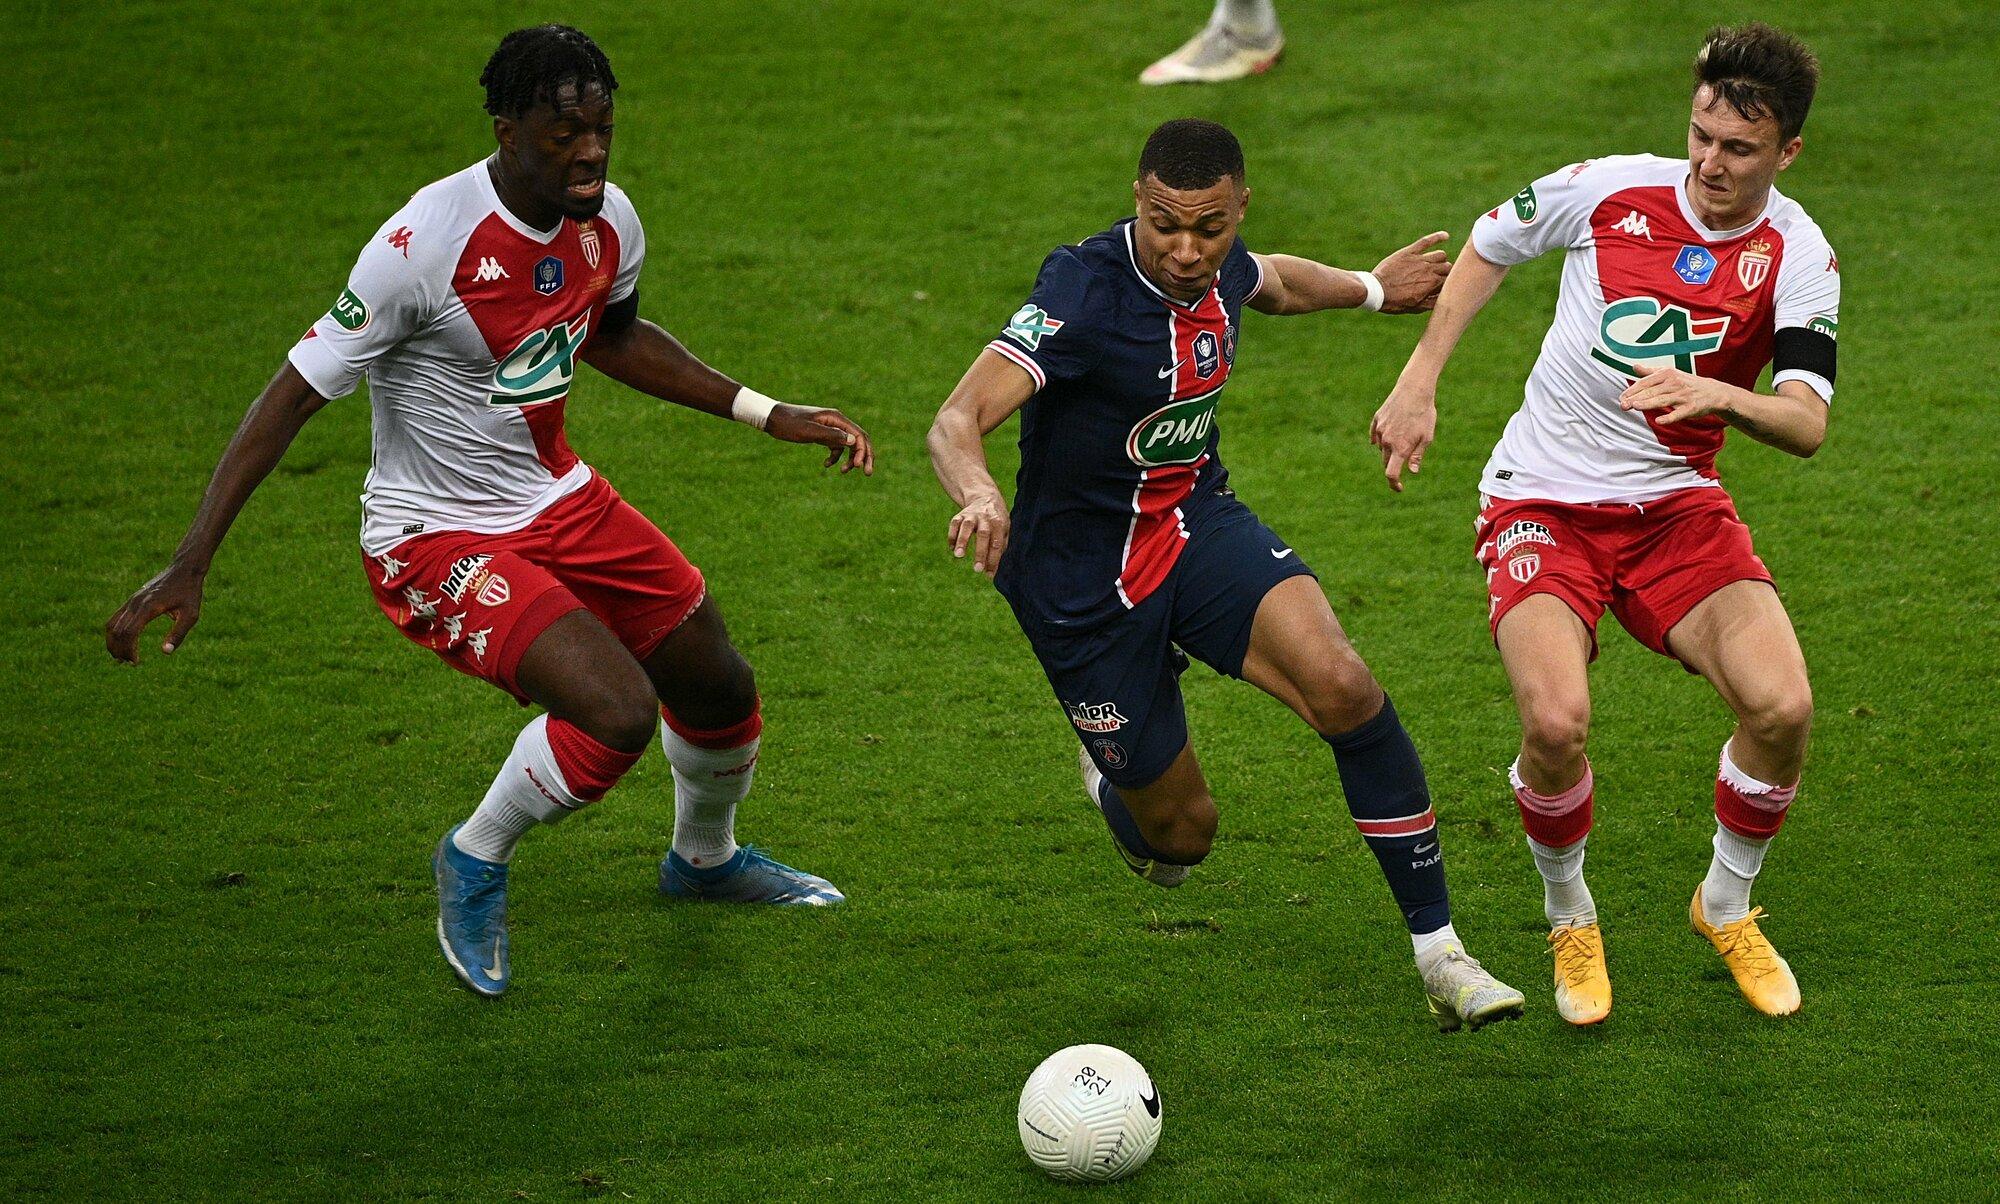 Mbappe khiến hàng phòng ngự Monaco thất điên bát đảo trong trận chung kết Cup Quốc gia Pháp hôm 19/5. Ảnh: AFP